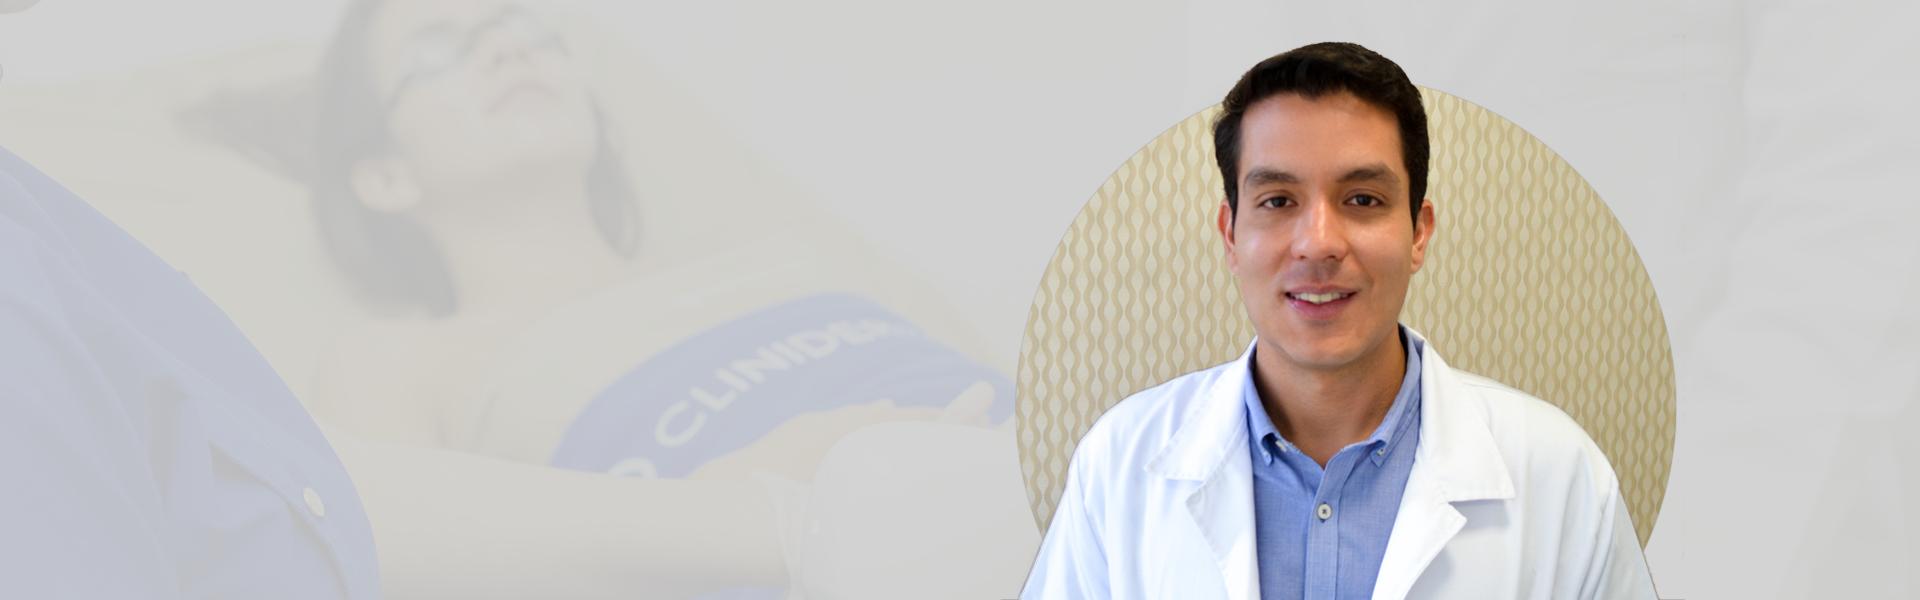 Depilacion Laser, Clínica Dermatológica Estetica Bogotá – Colombia, Cliniderma 🥇, Cliniderma 🥇